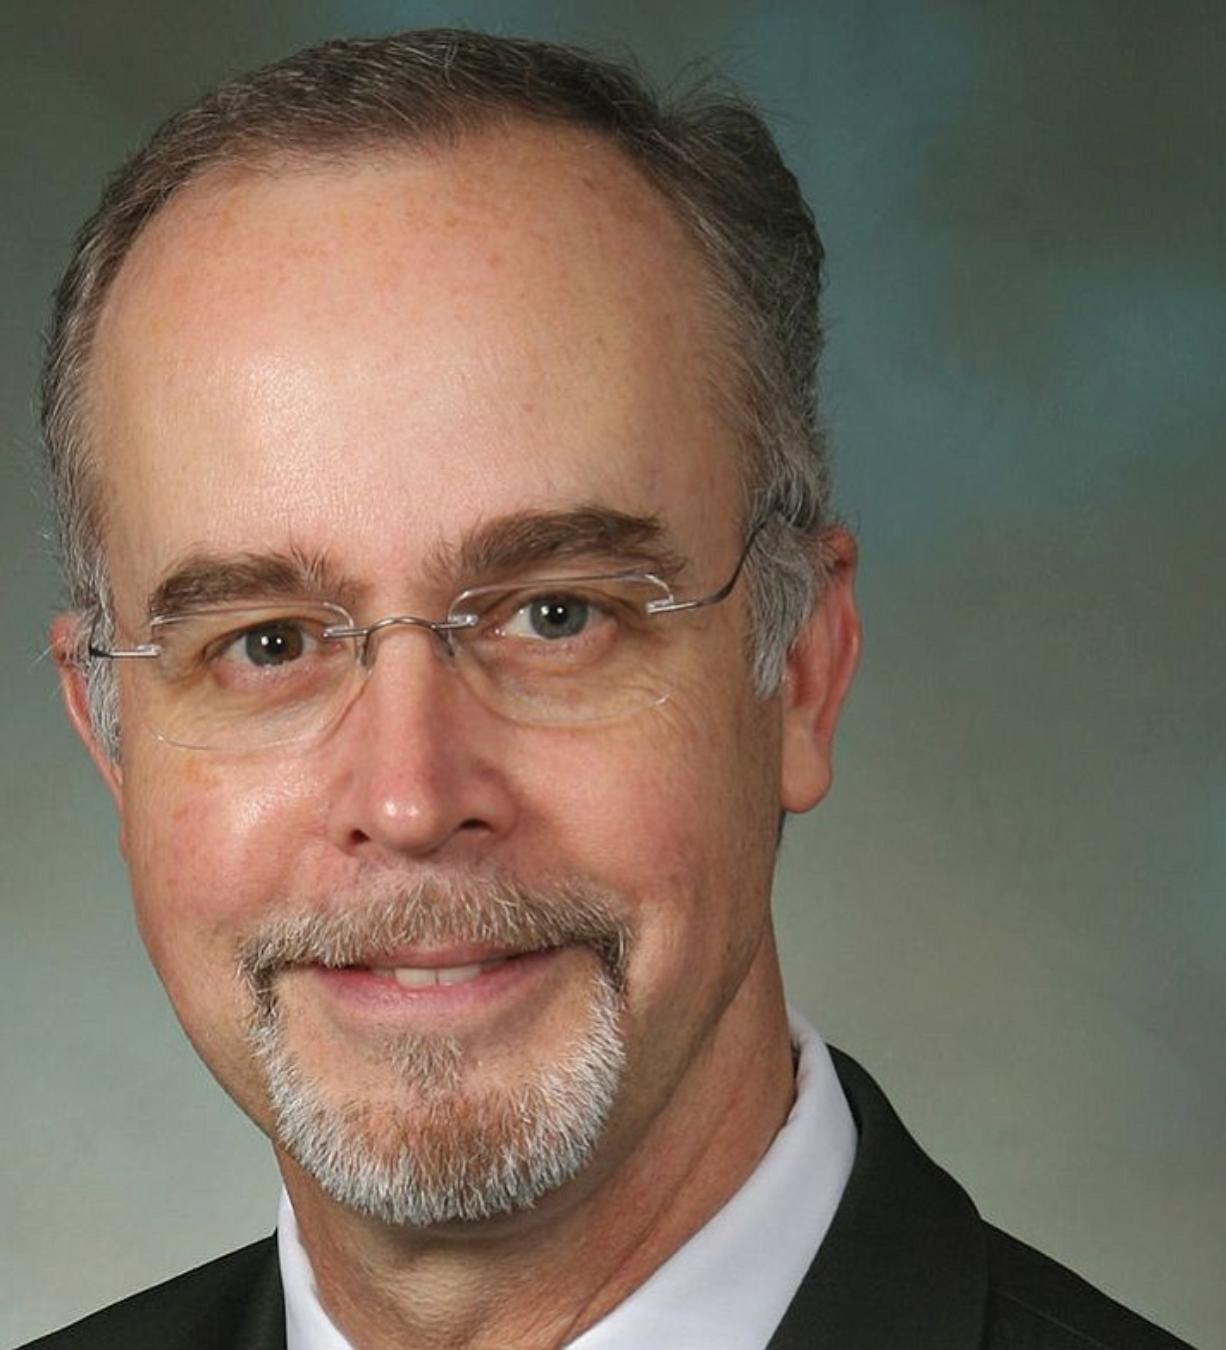 Rep. Jim Moeller, D-Vancouver